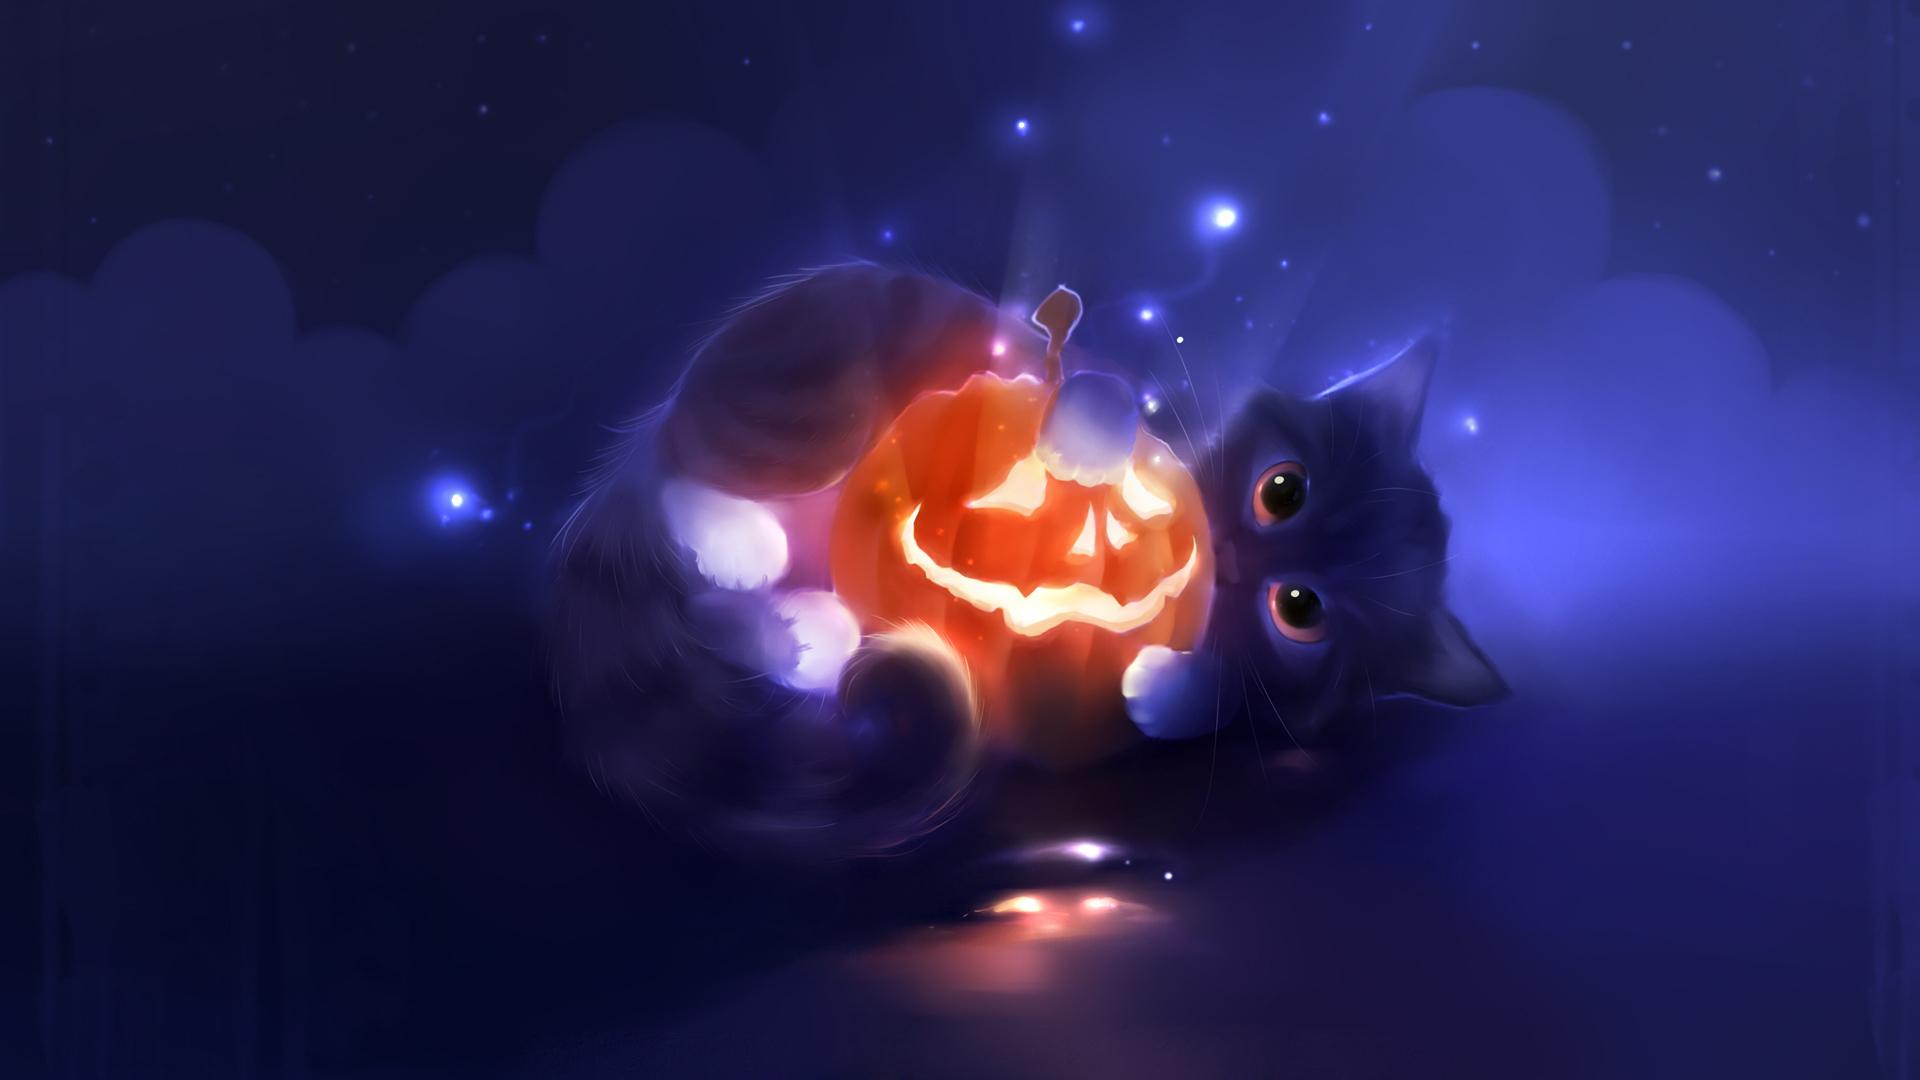 Download Cute Halloween Wallpaper 15765 1920x1080 px High 1920x1080